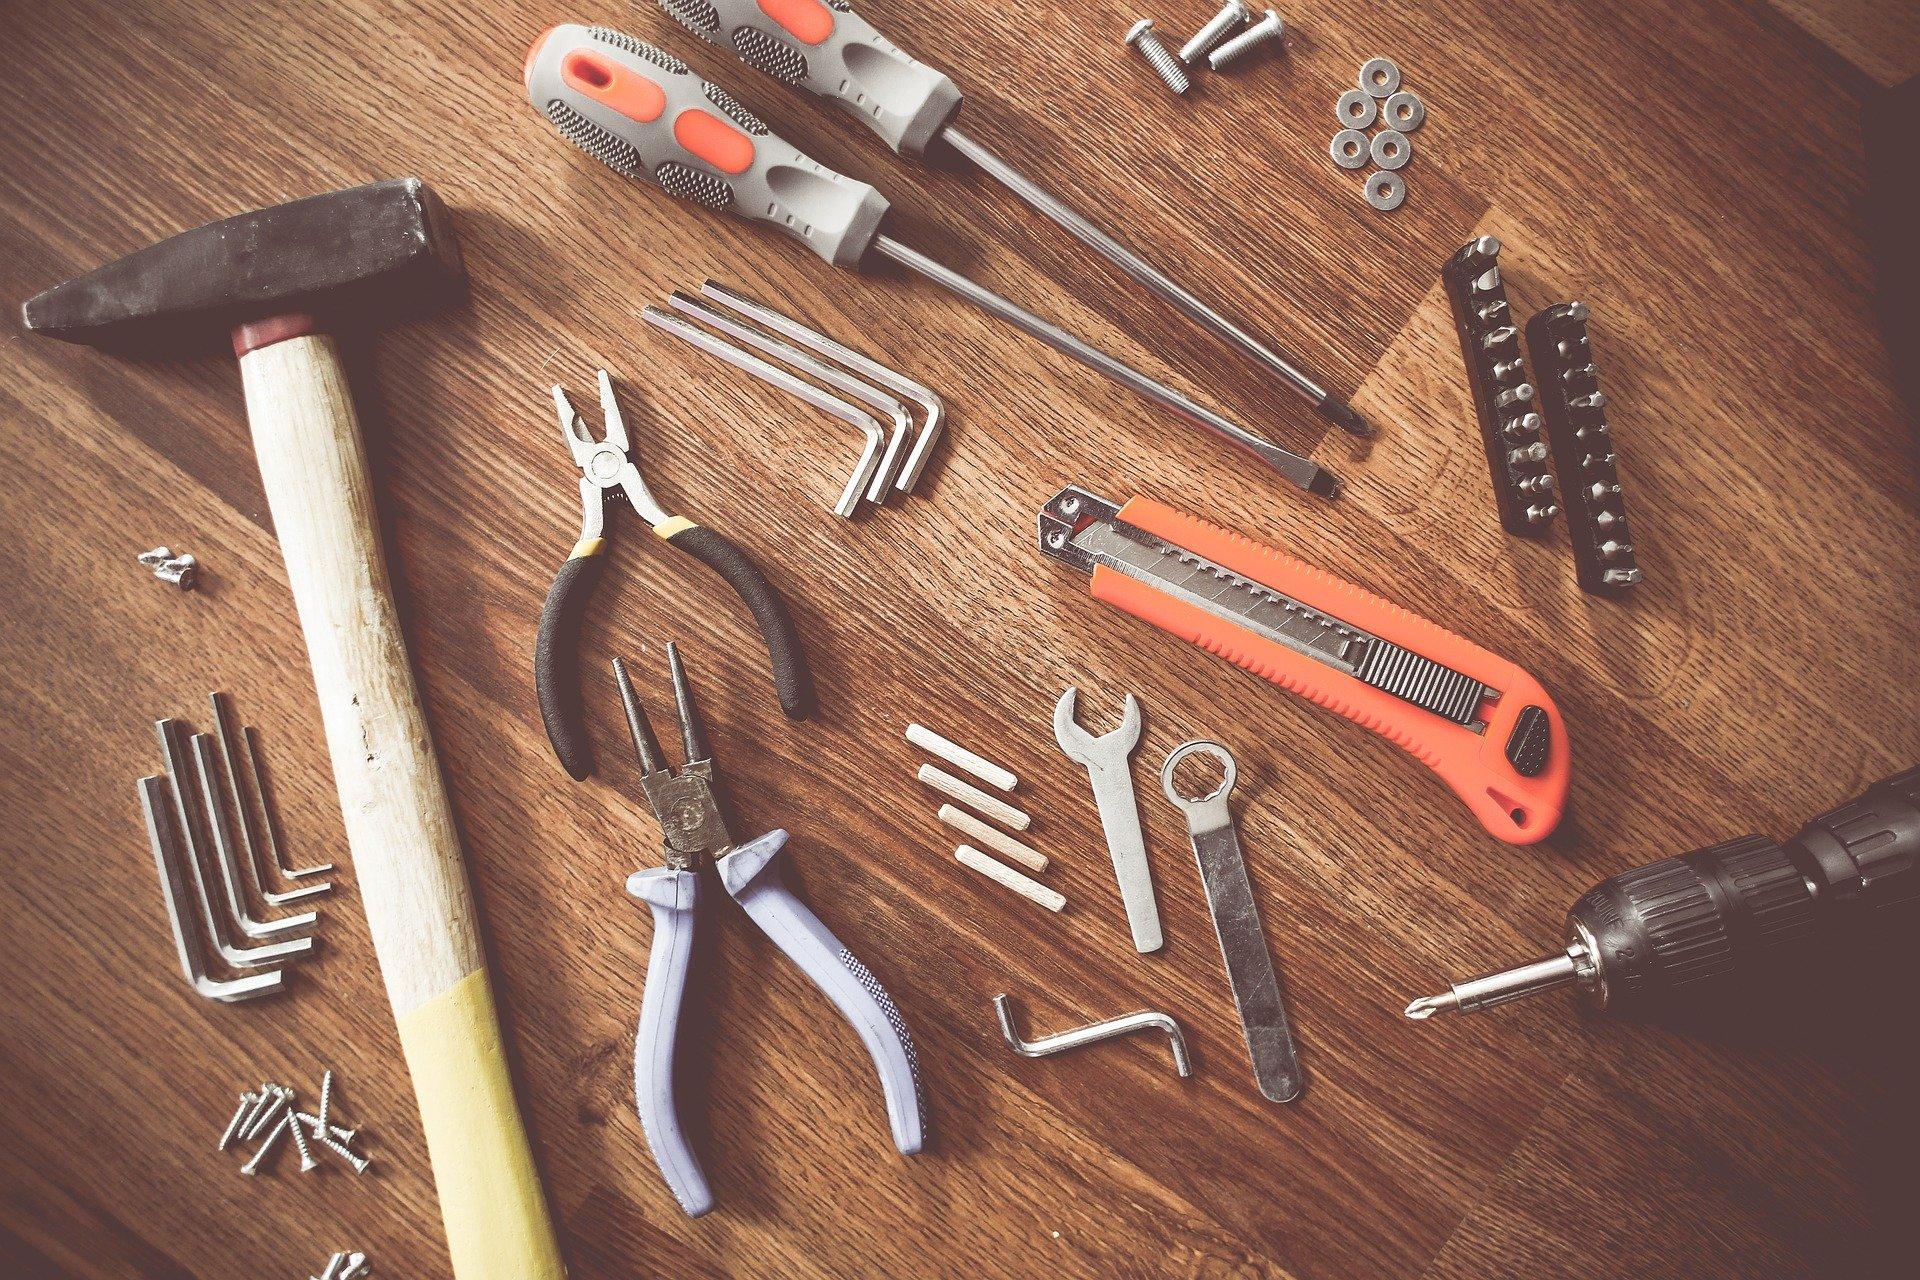 Grib dine redskaber og byg din egen bolig